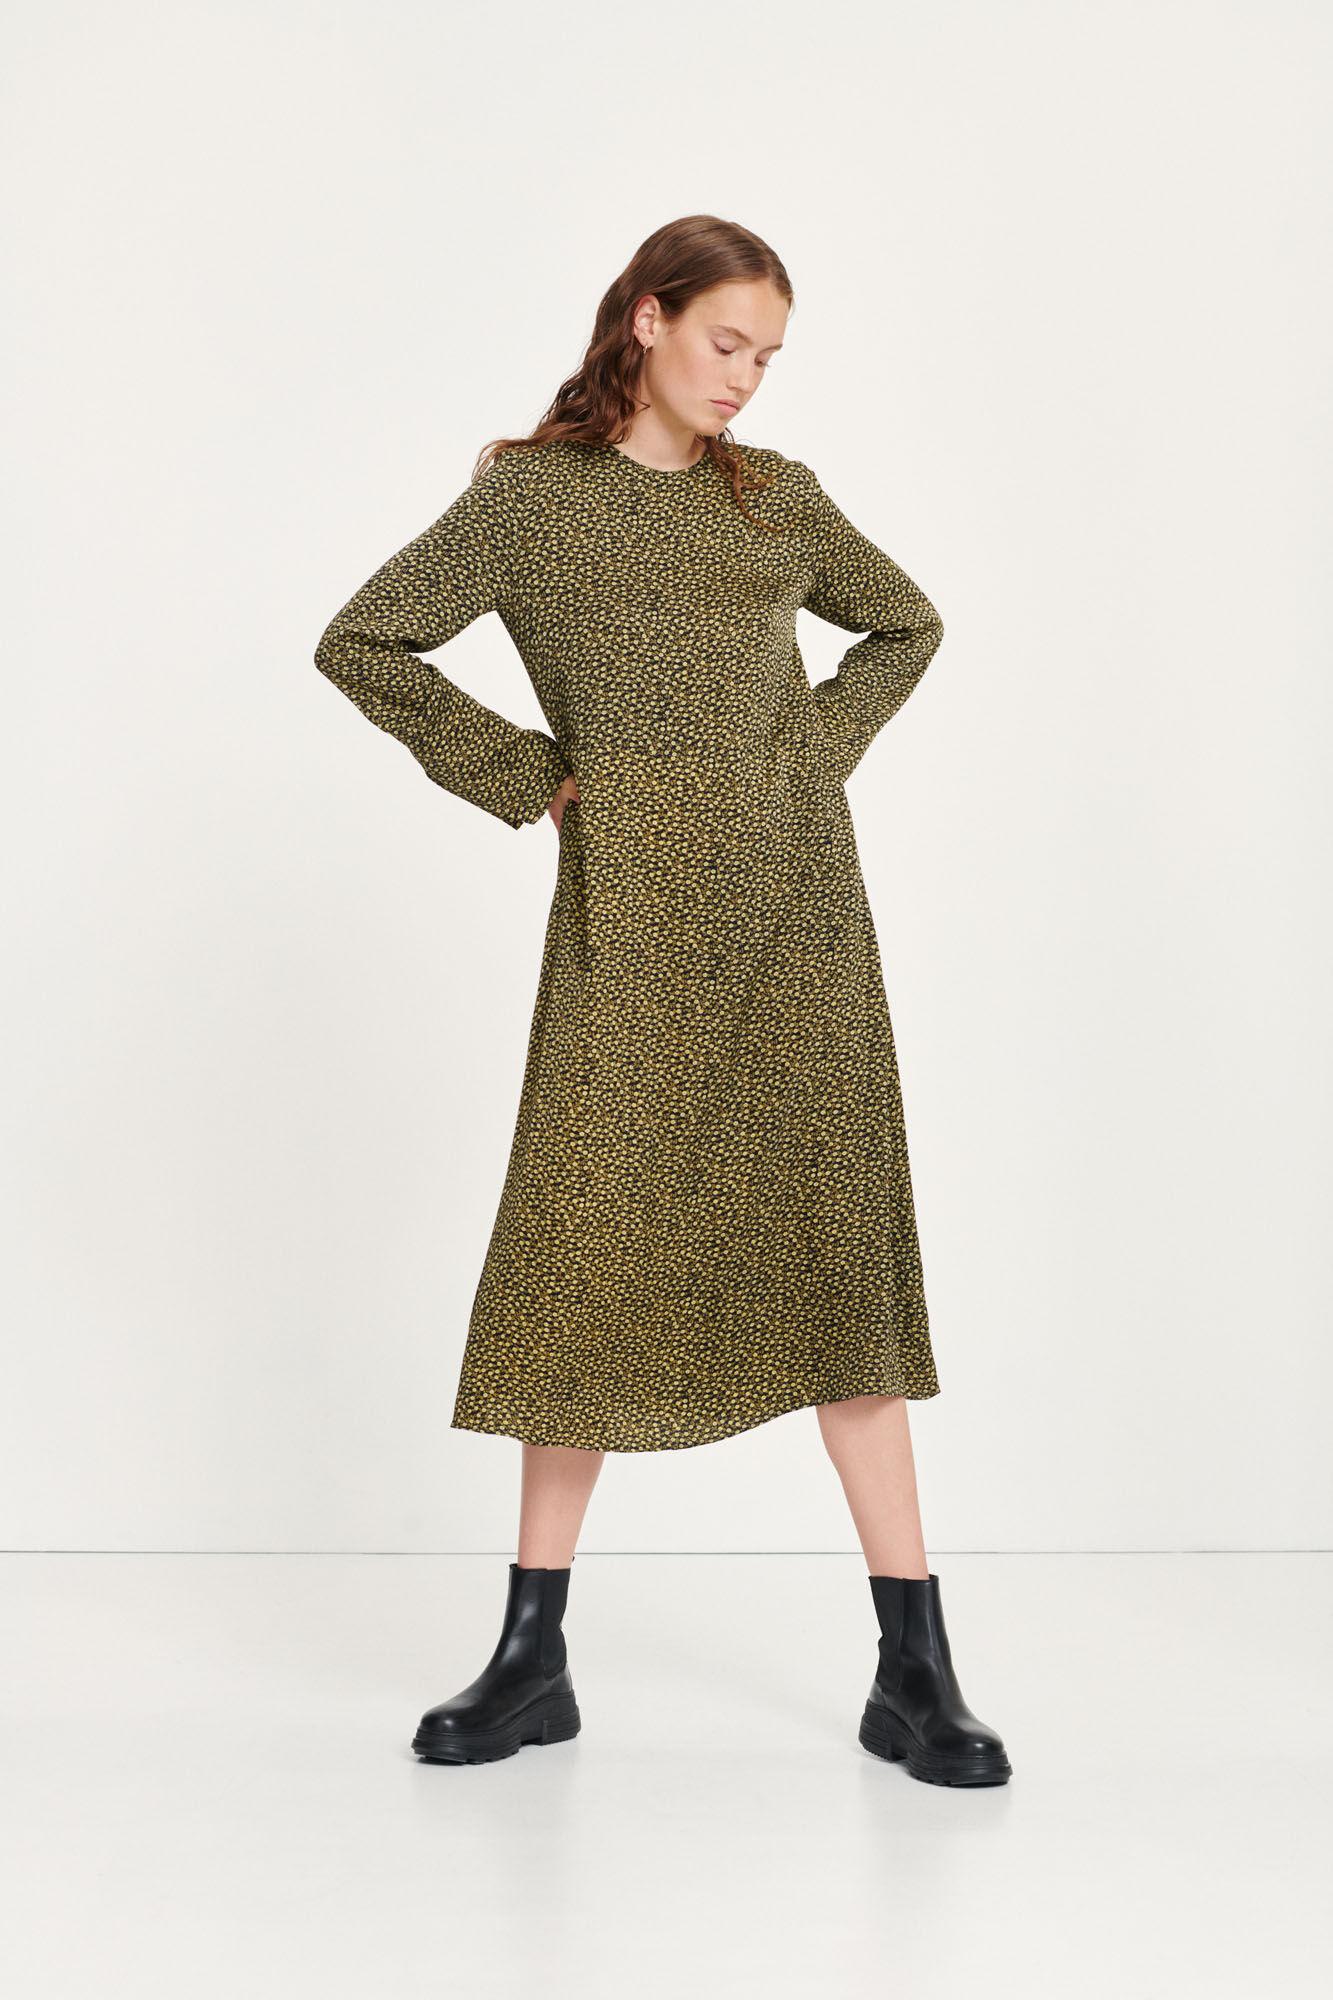 Rami dress aop 8325, WINTER TWIGGY